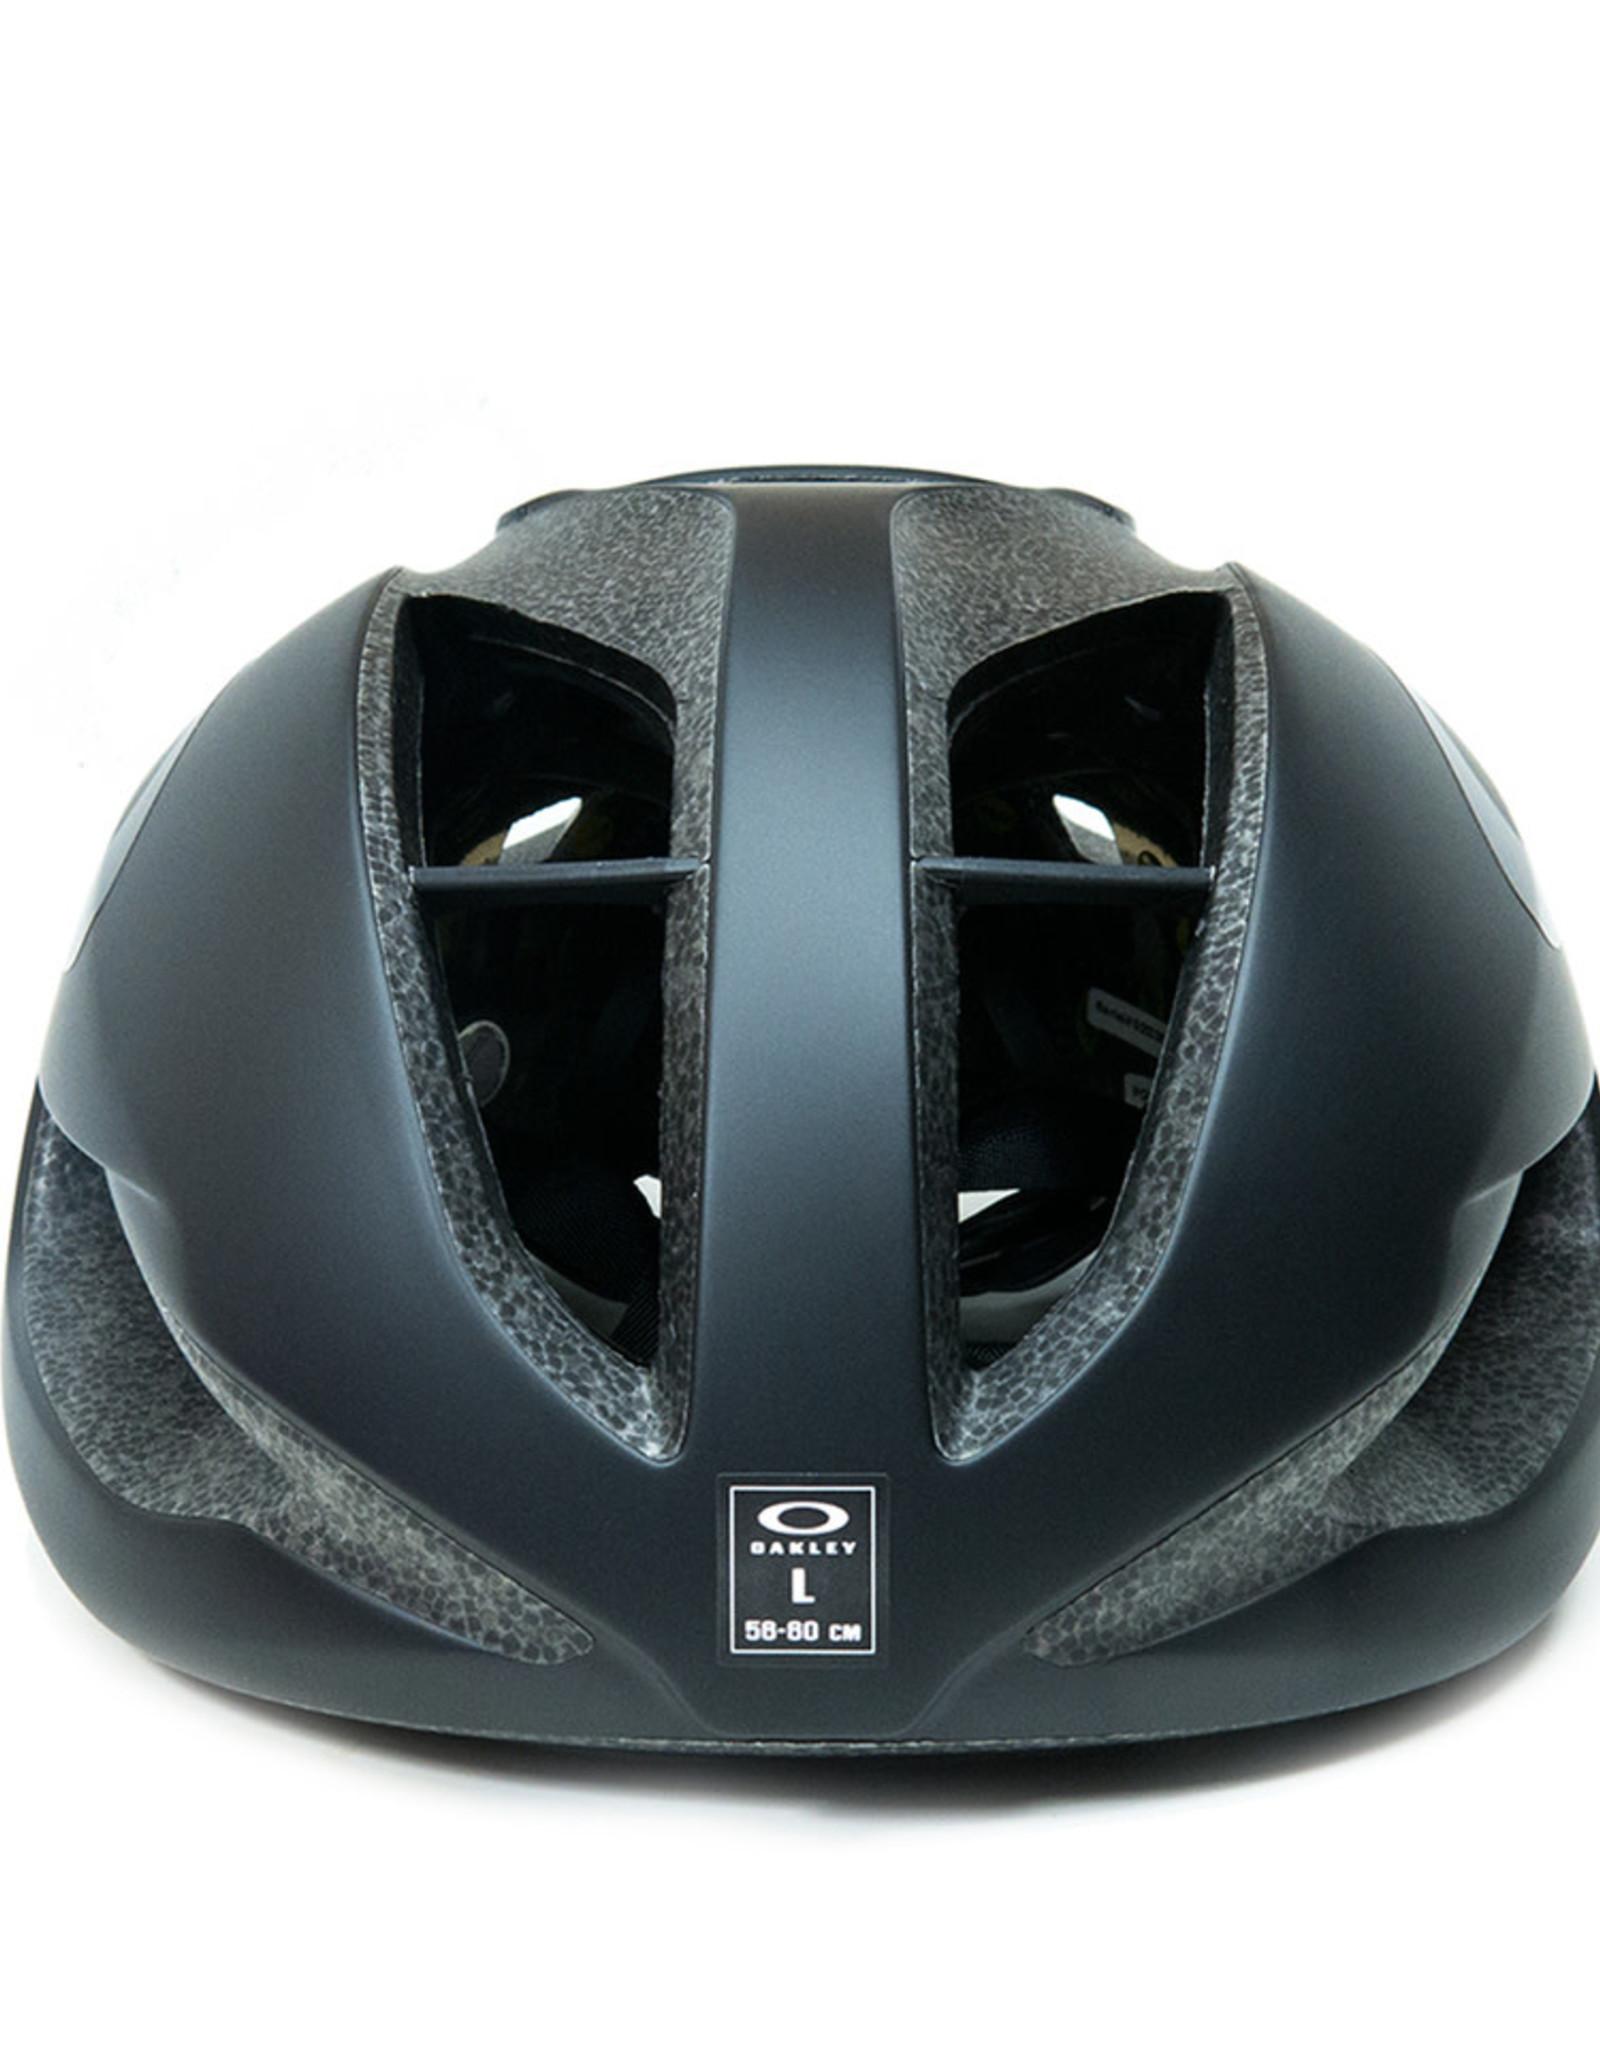 Oakley Helmet Oakley Aro 5 Blackout